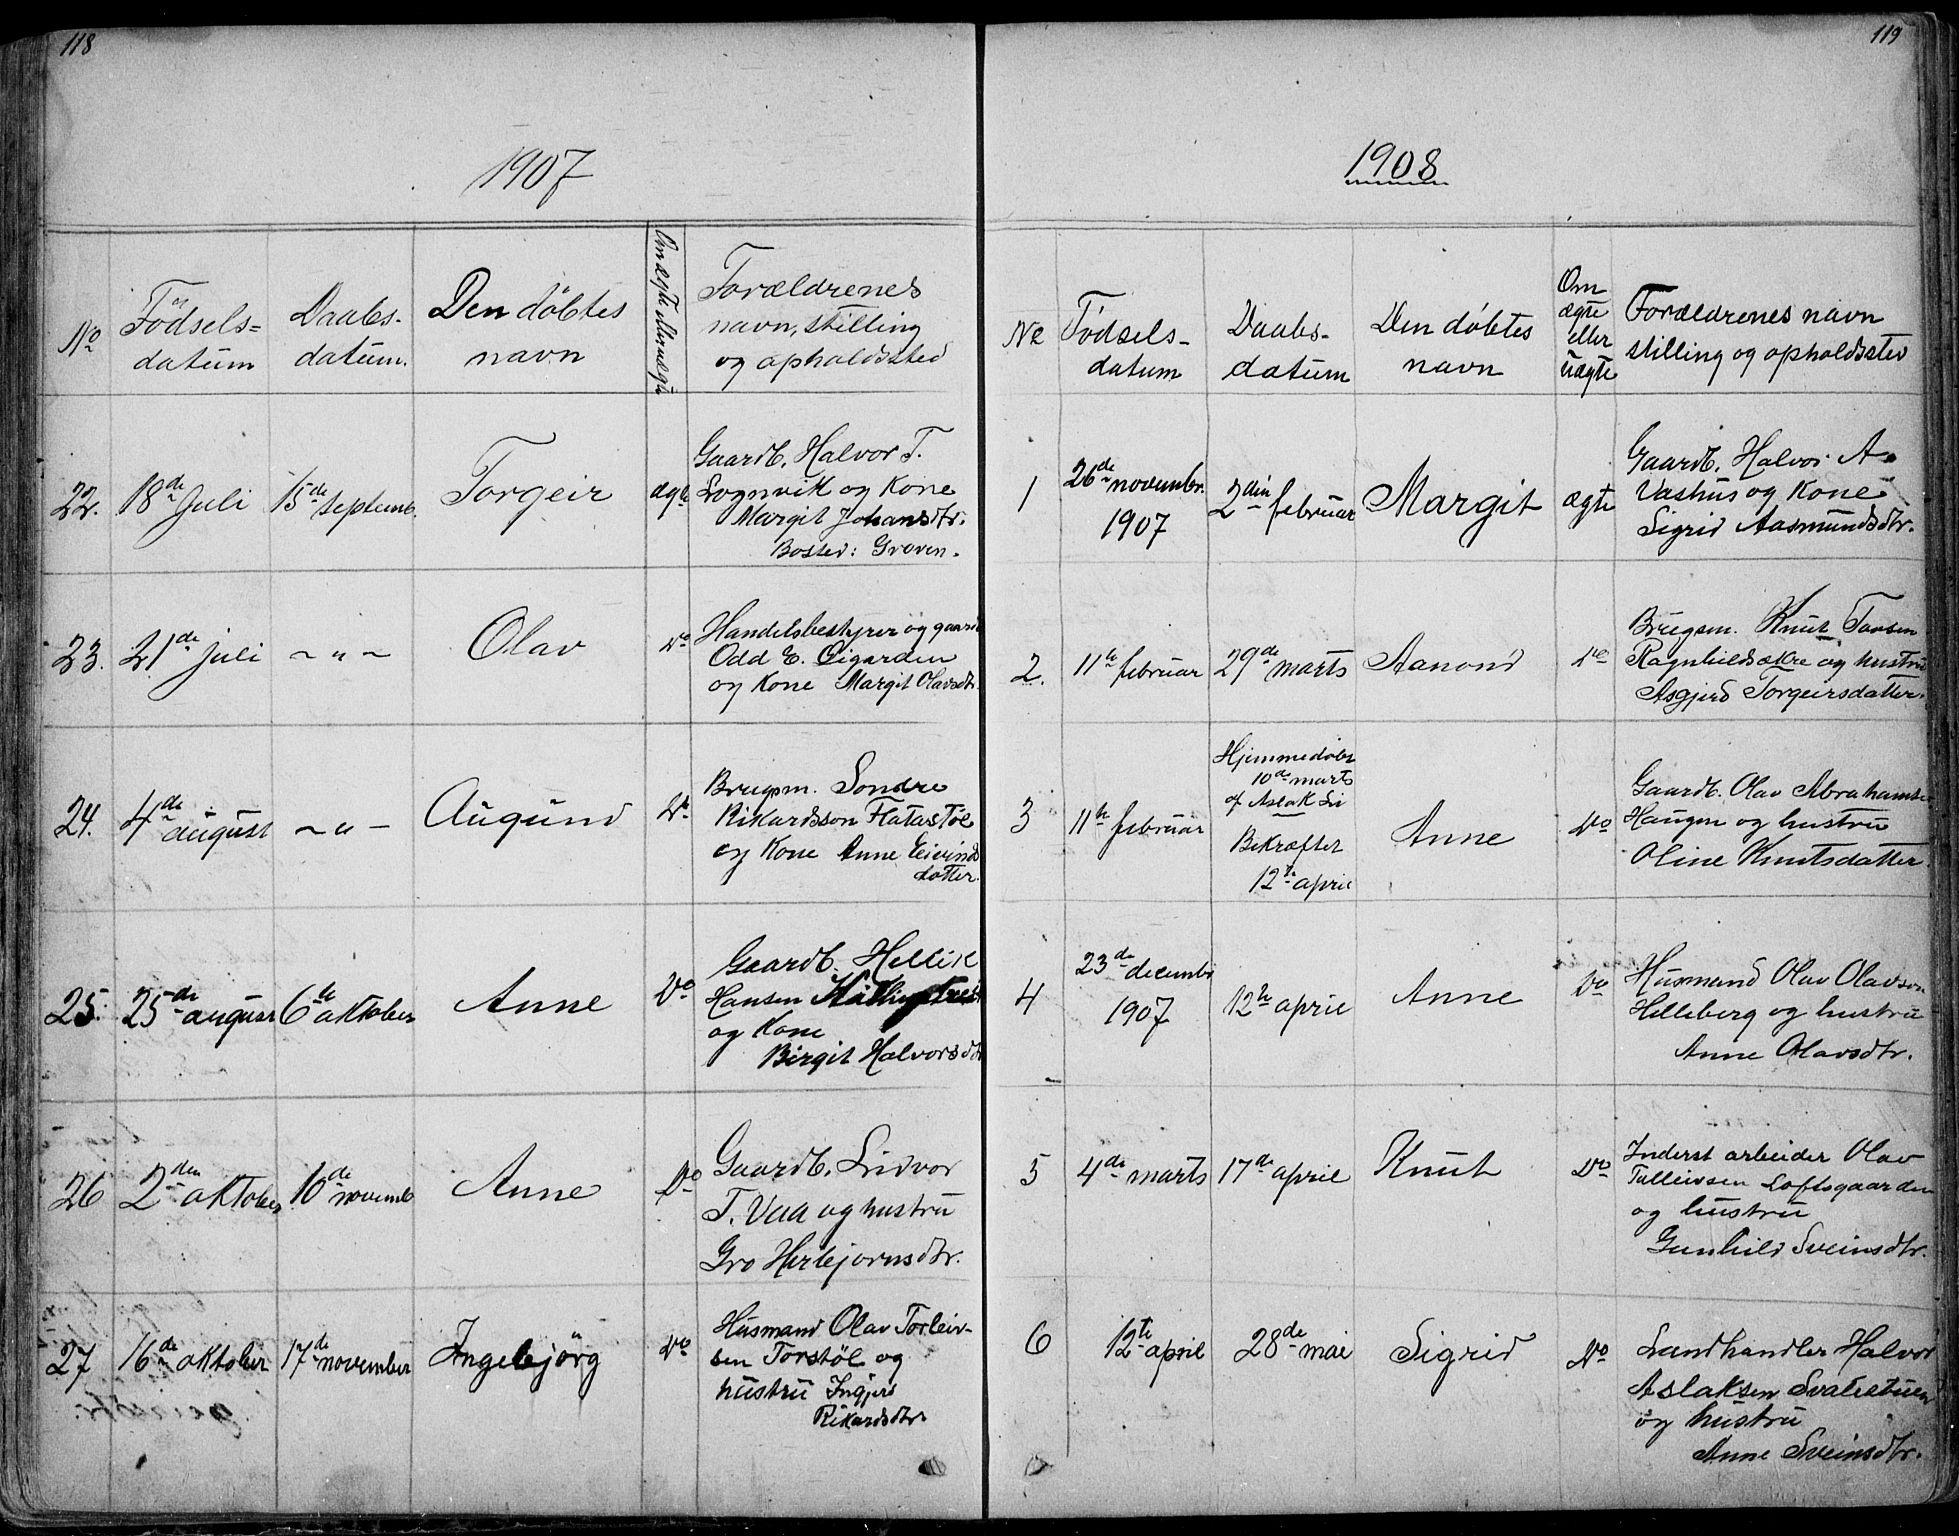 SAKO, Rauland kirkebøker, G/Ga/L0002: Klokkerbok nr. I 2, 1849-1935, s. 118-119